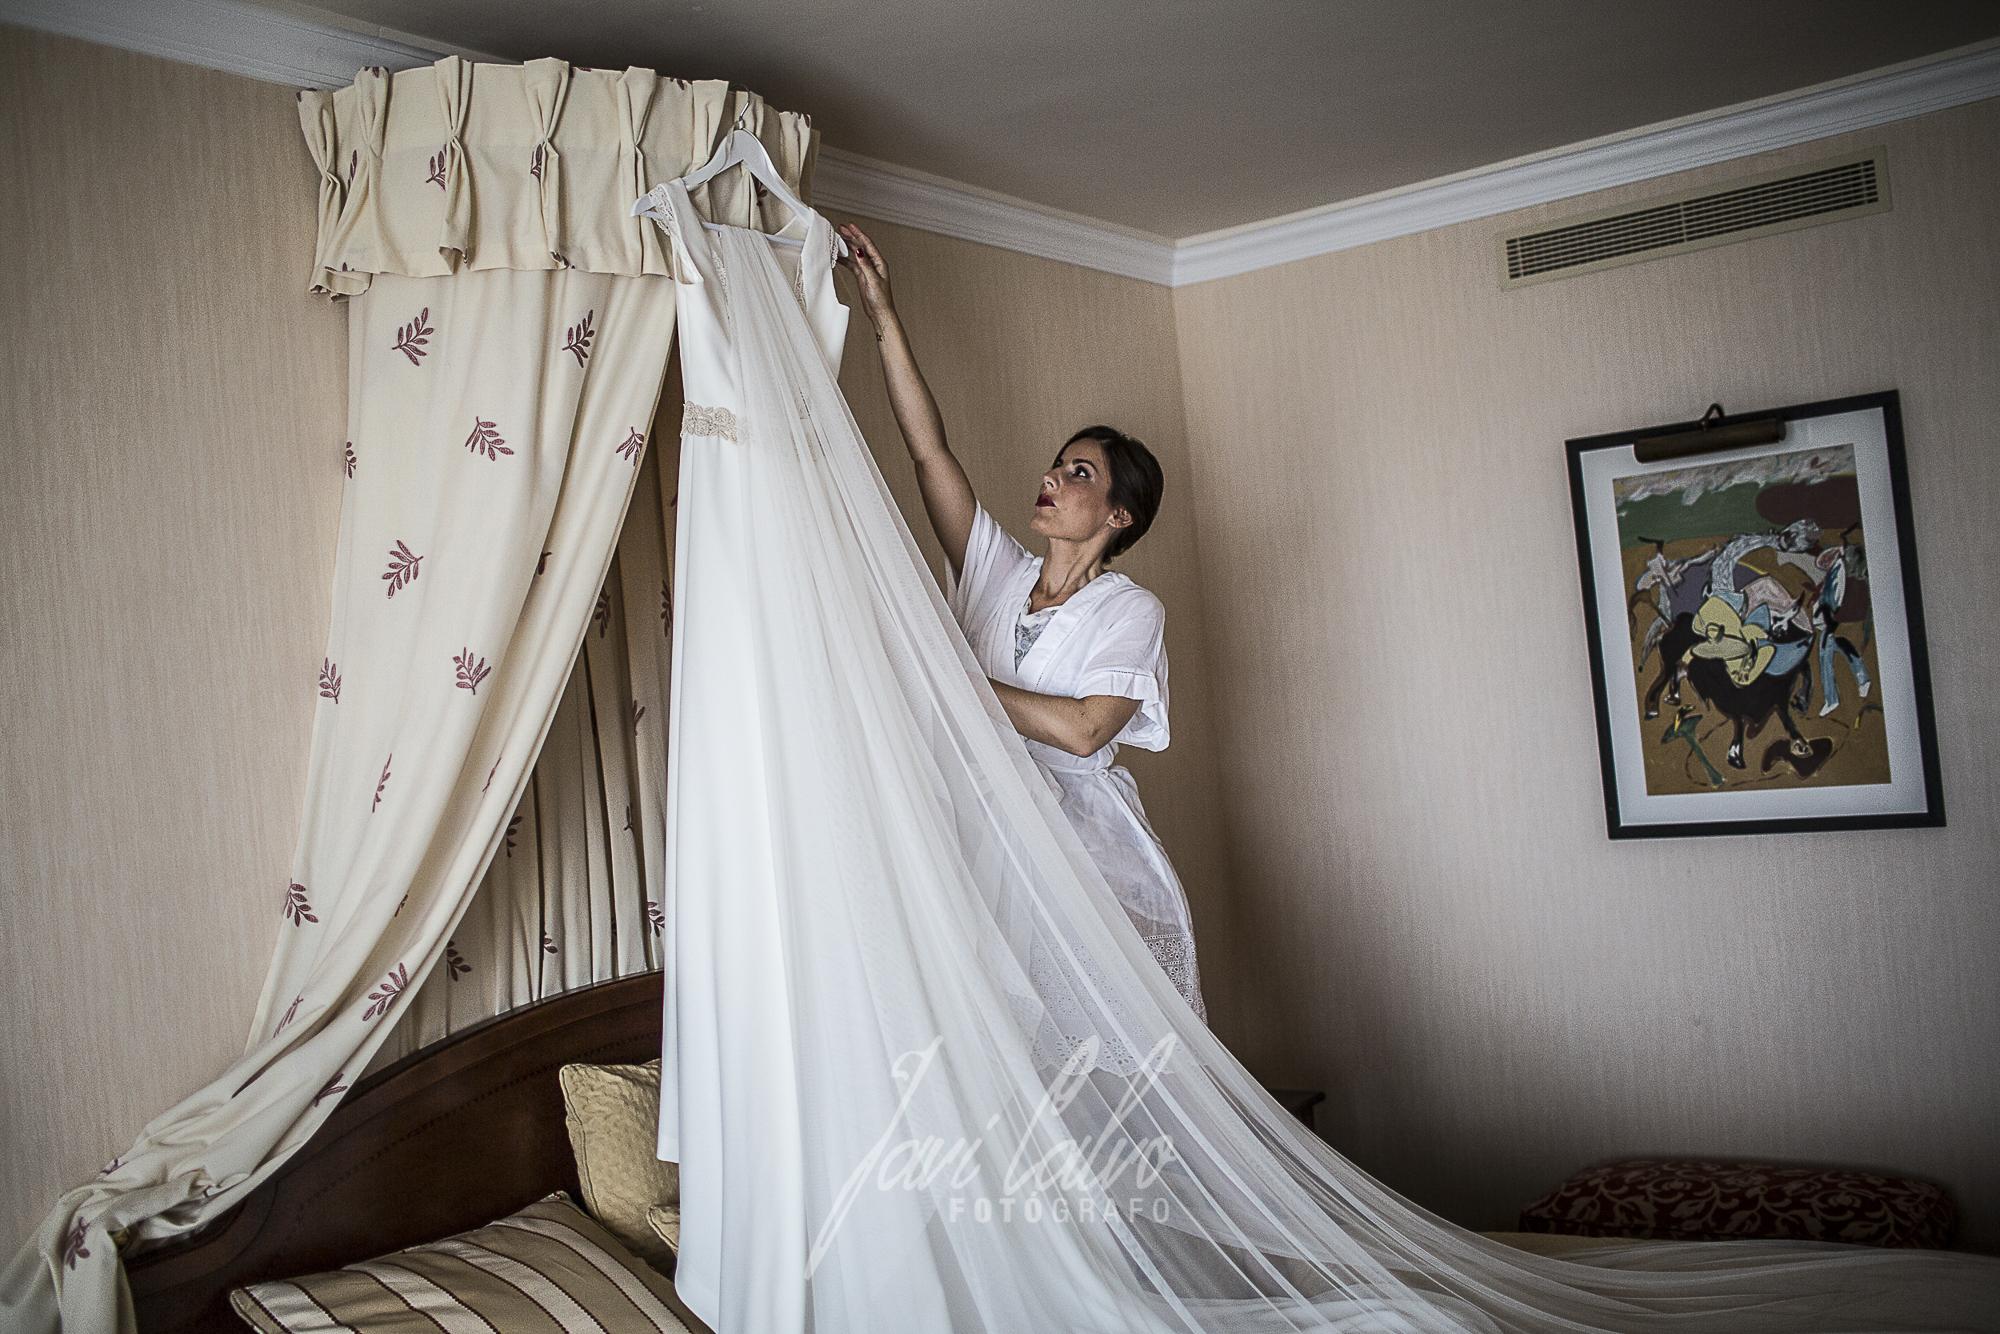 Fotografo bodas Avila Javi Calvo Fotógrafo-416